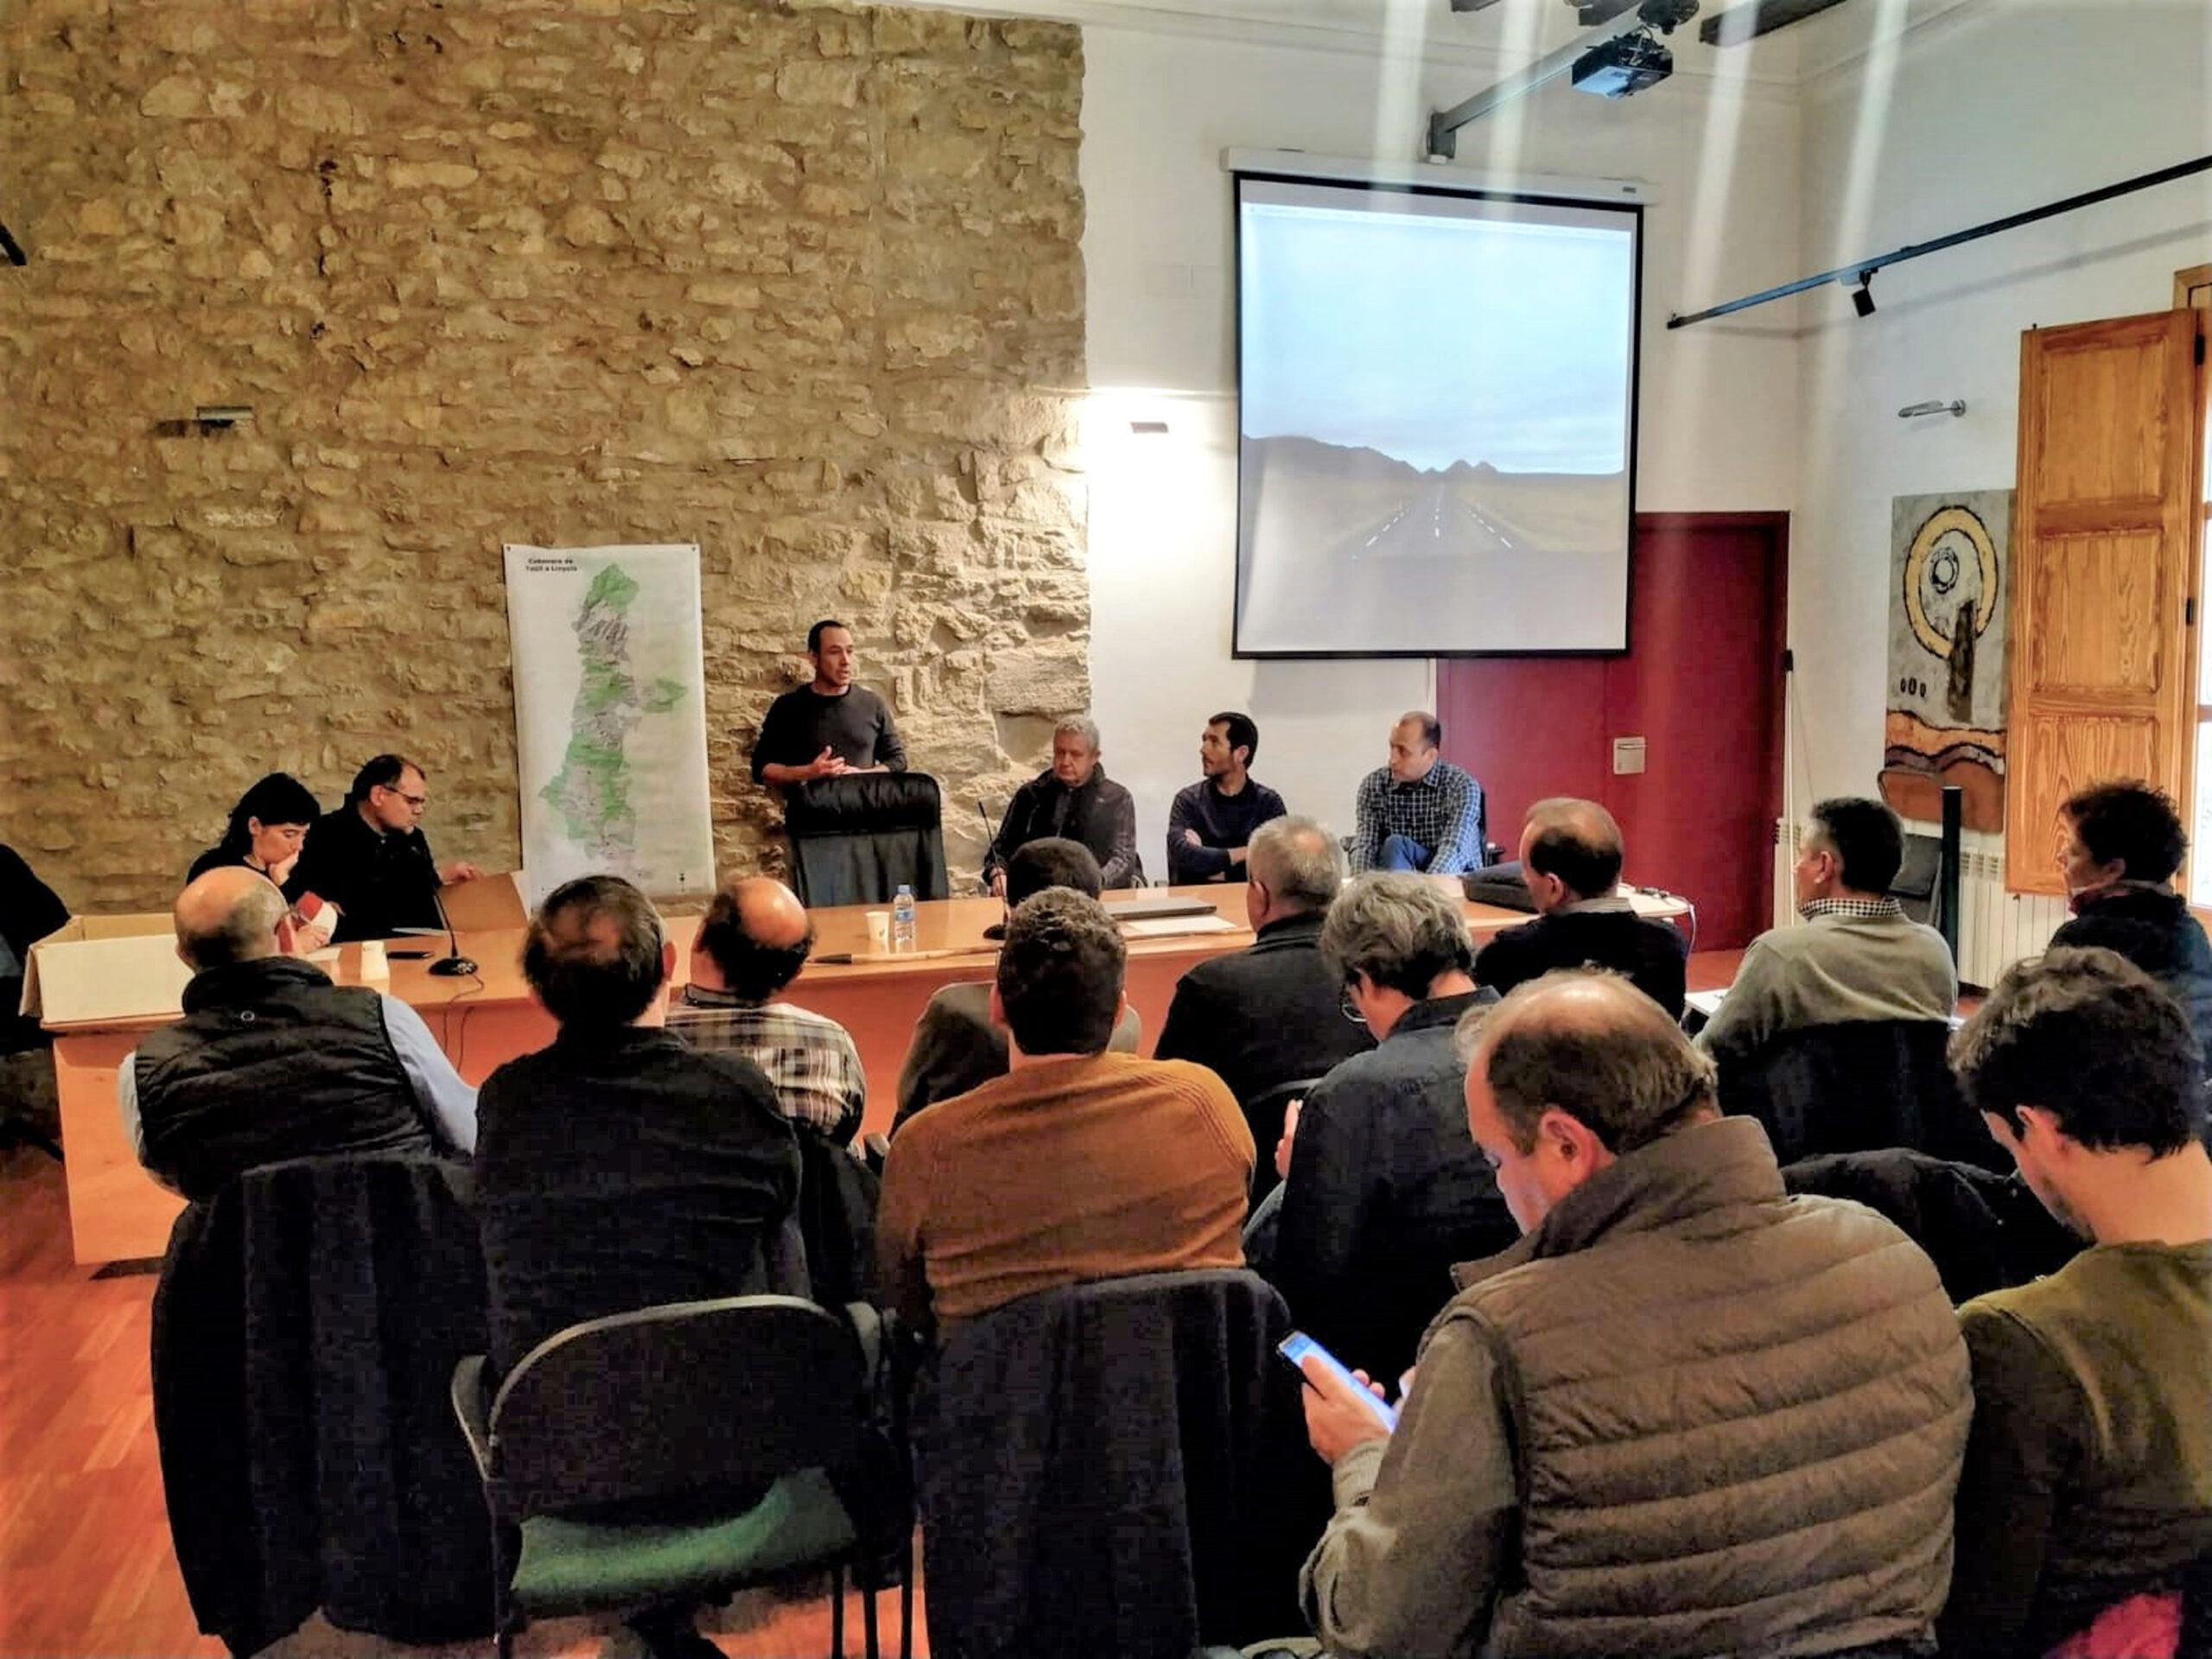 Reunió a l'Ajuntament d'Àger de representants de diverses administracions, Consells Comarcals, Generalitat, Diputació i d'altres entitats per impulsar la recuperació de la 'Cabanera'. Imatge del 12 de febrer de 2020. (Horitzontal)